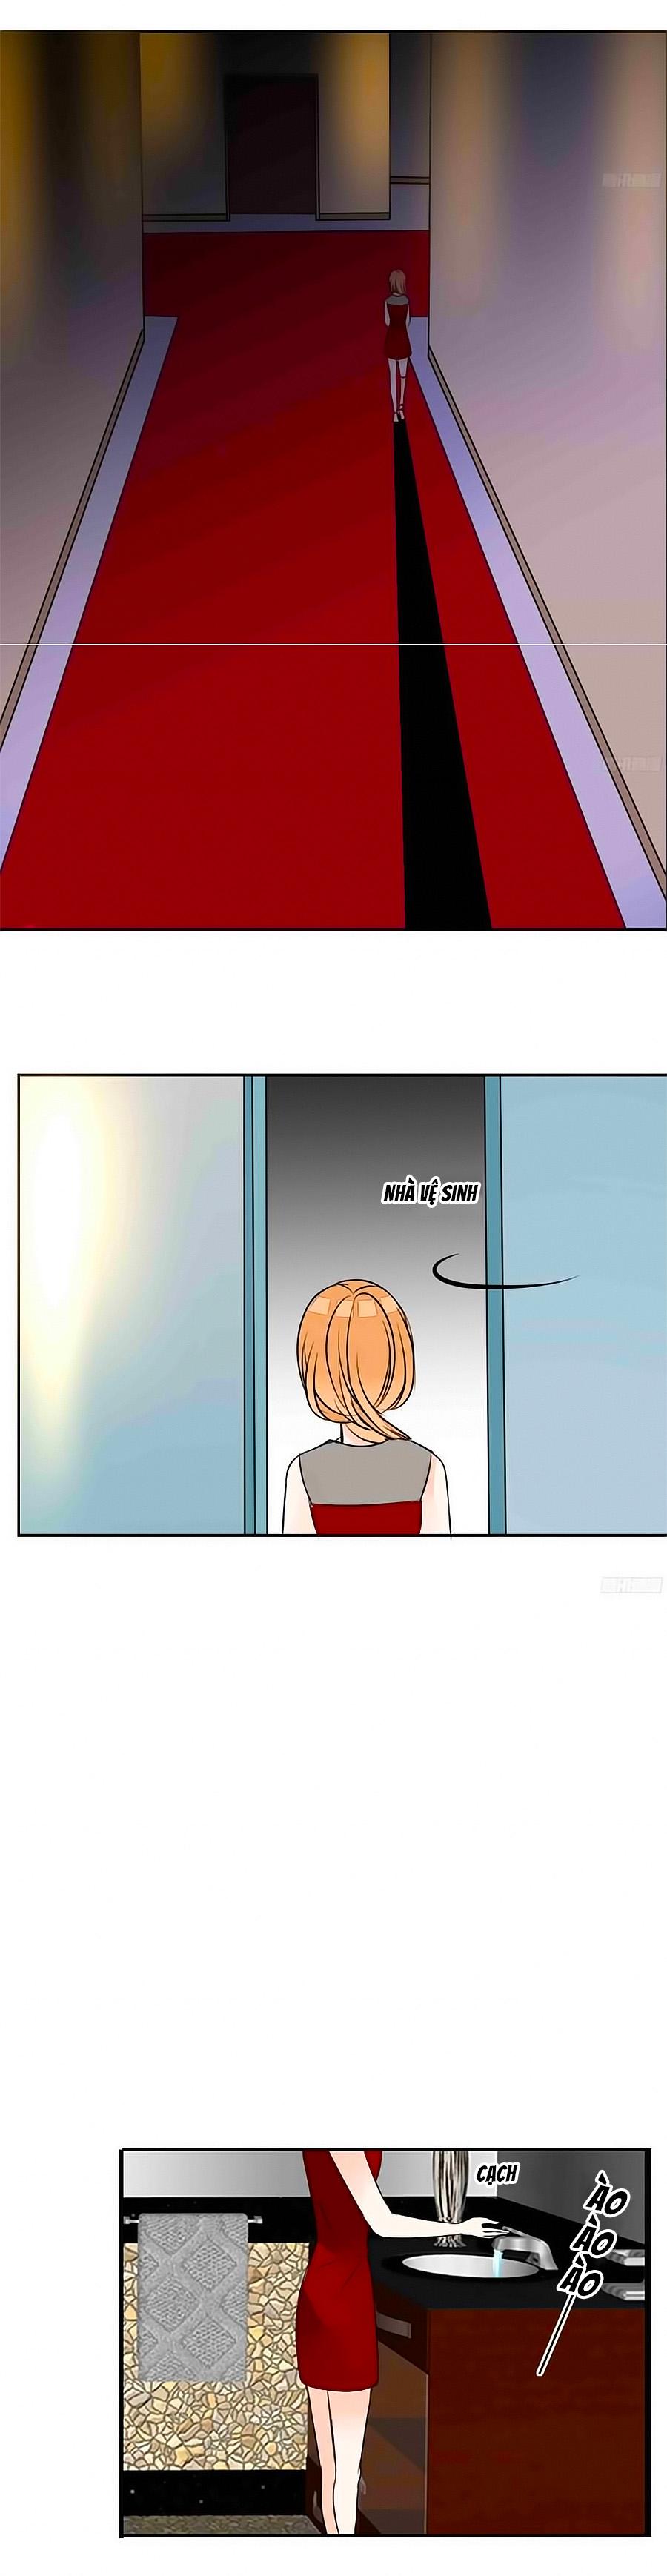 Công Chúa Nữ Vương Mệnh Chap 63 - Trang 23